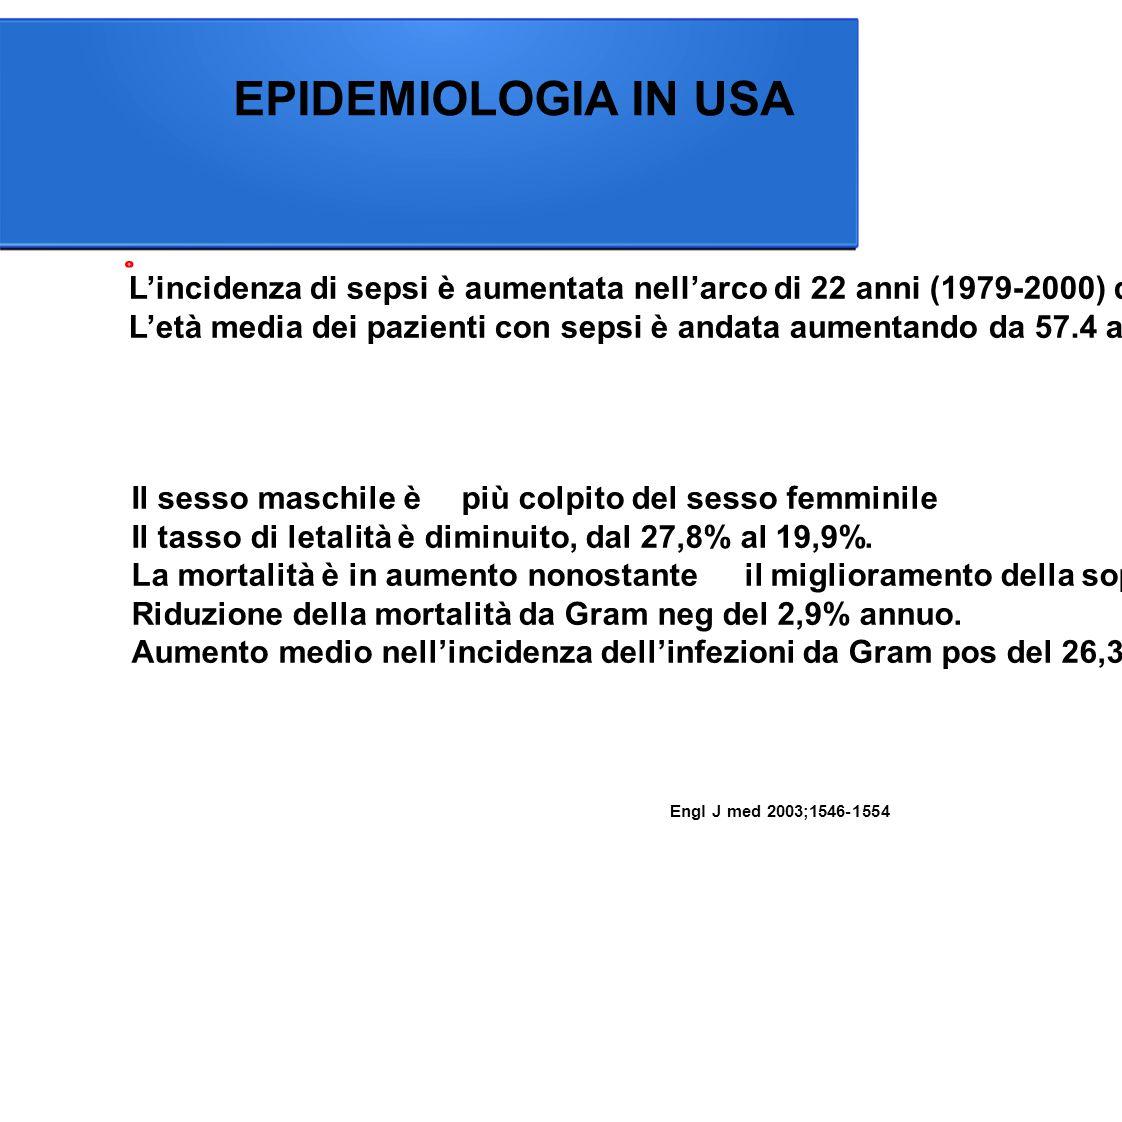 EPIDEMIOLOGIA IN USA L'incidenza di sepsi è aumentata nell'arco di 22 anni (1979-2000) da 82,7 a 240.04 casi per 100.000 abitanti.